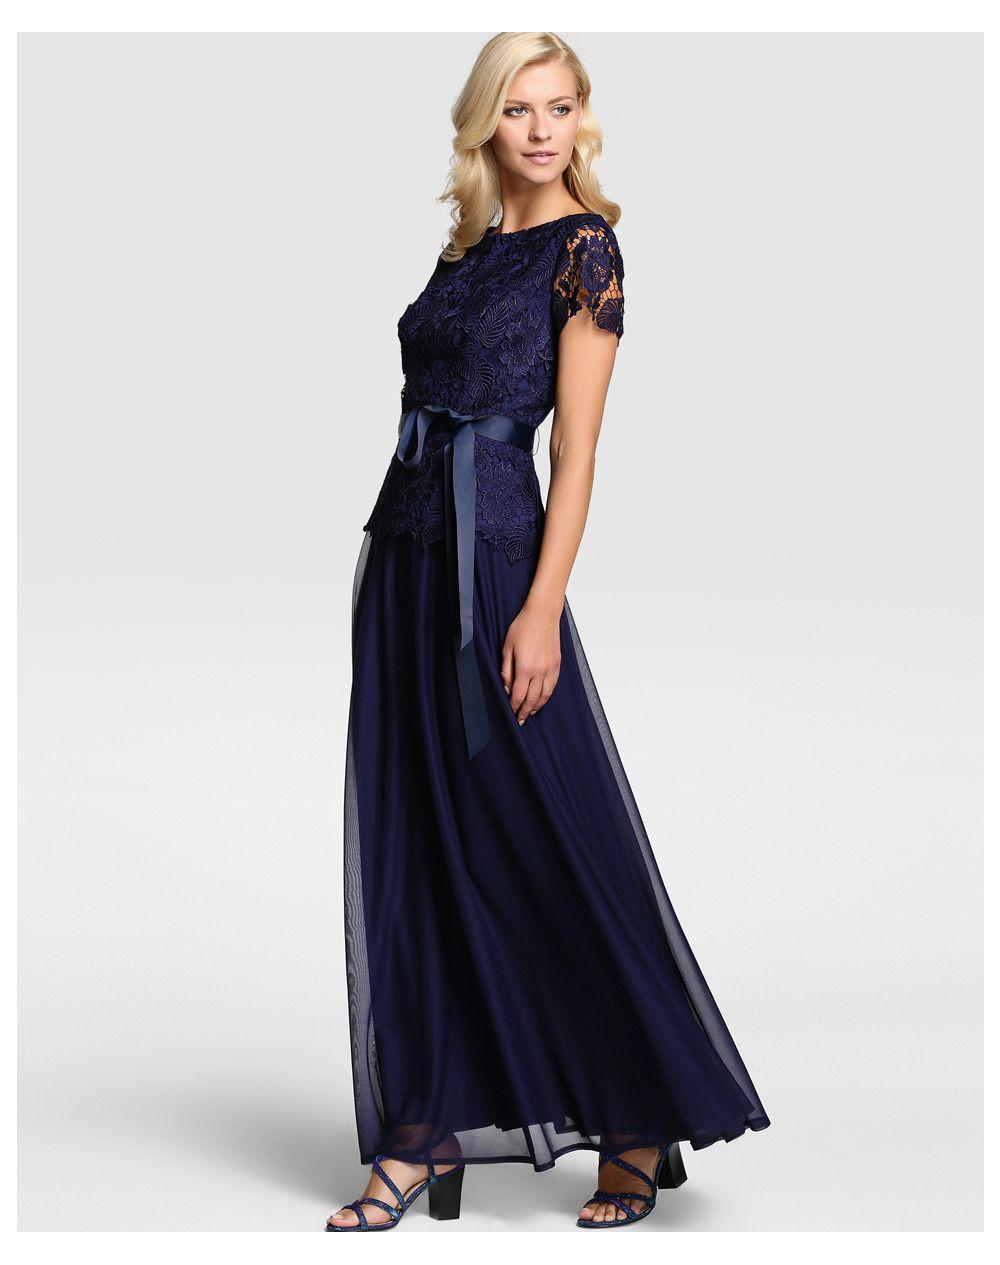 Vestido largo, en color azul marino, con efecto top y falda. Cuerpo de guipur, de manga larga y escote redondo y falda de gasa, con pliegues y lazo a la cintura. #vestido #invitadas #bodas